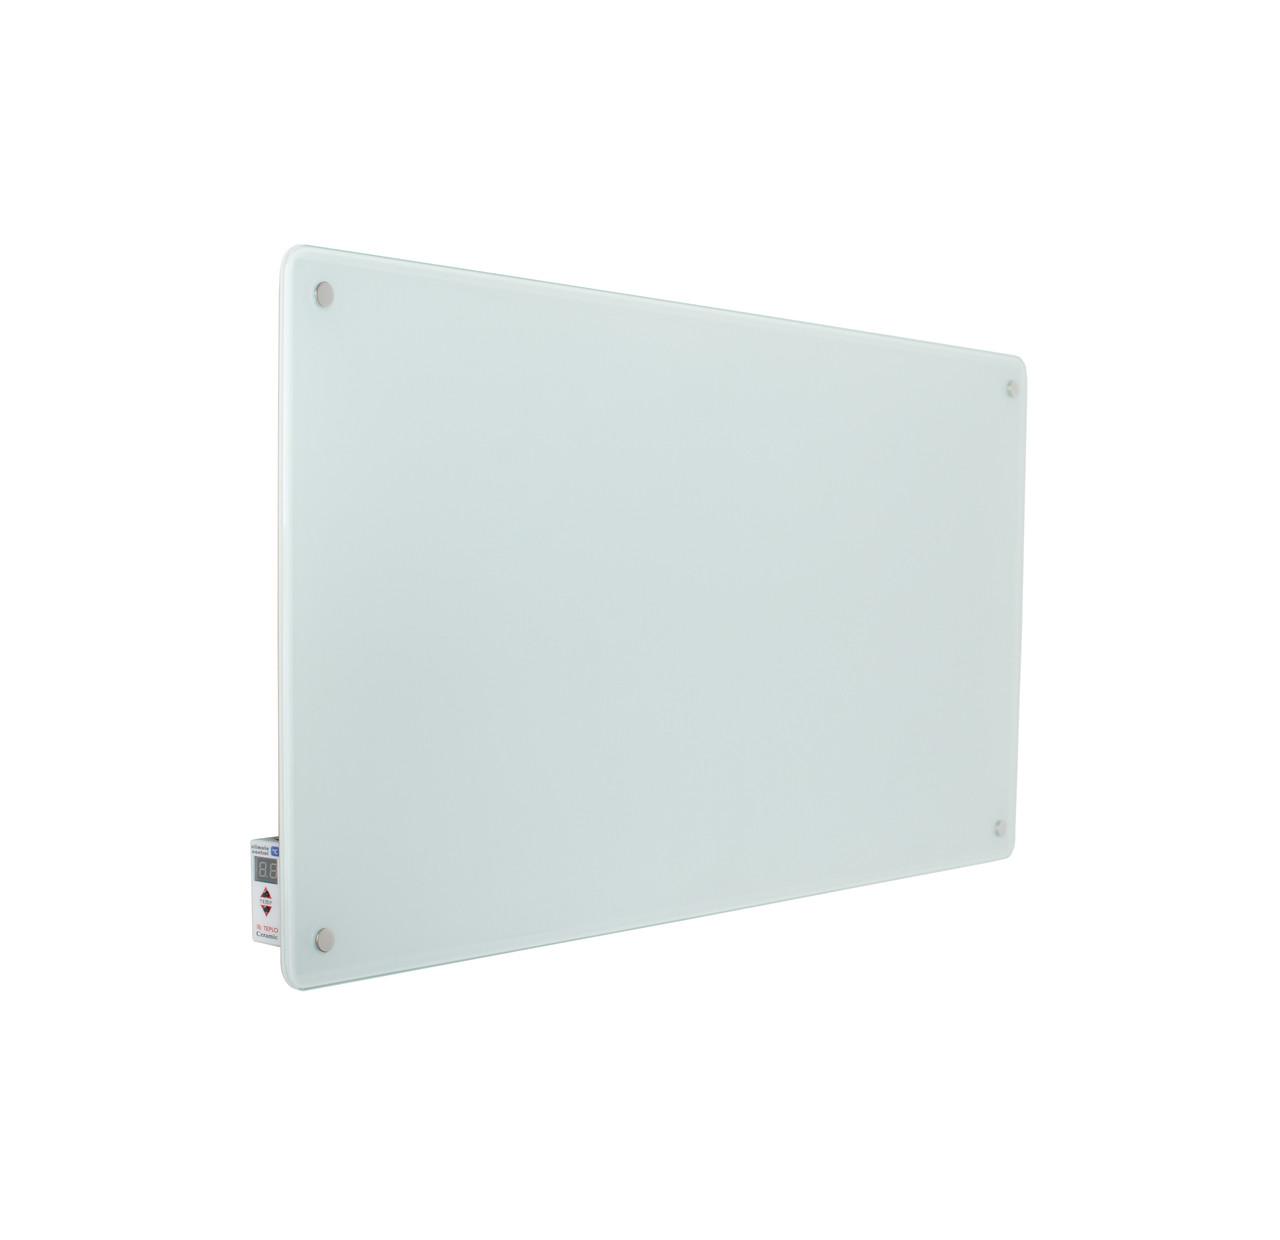 Стеклянная инфракрасная панель с программатором SWG-450 RA